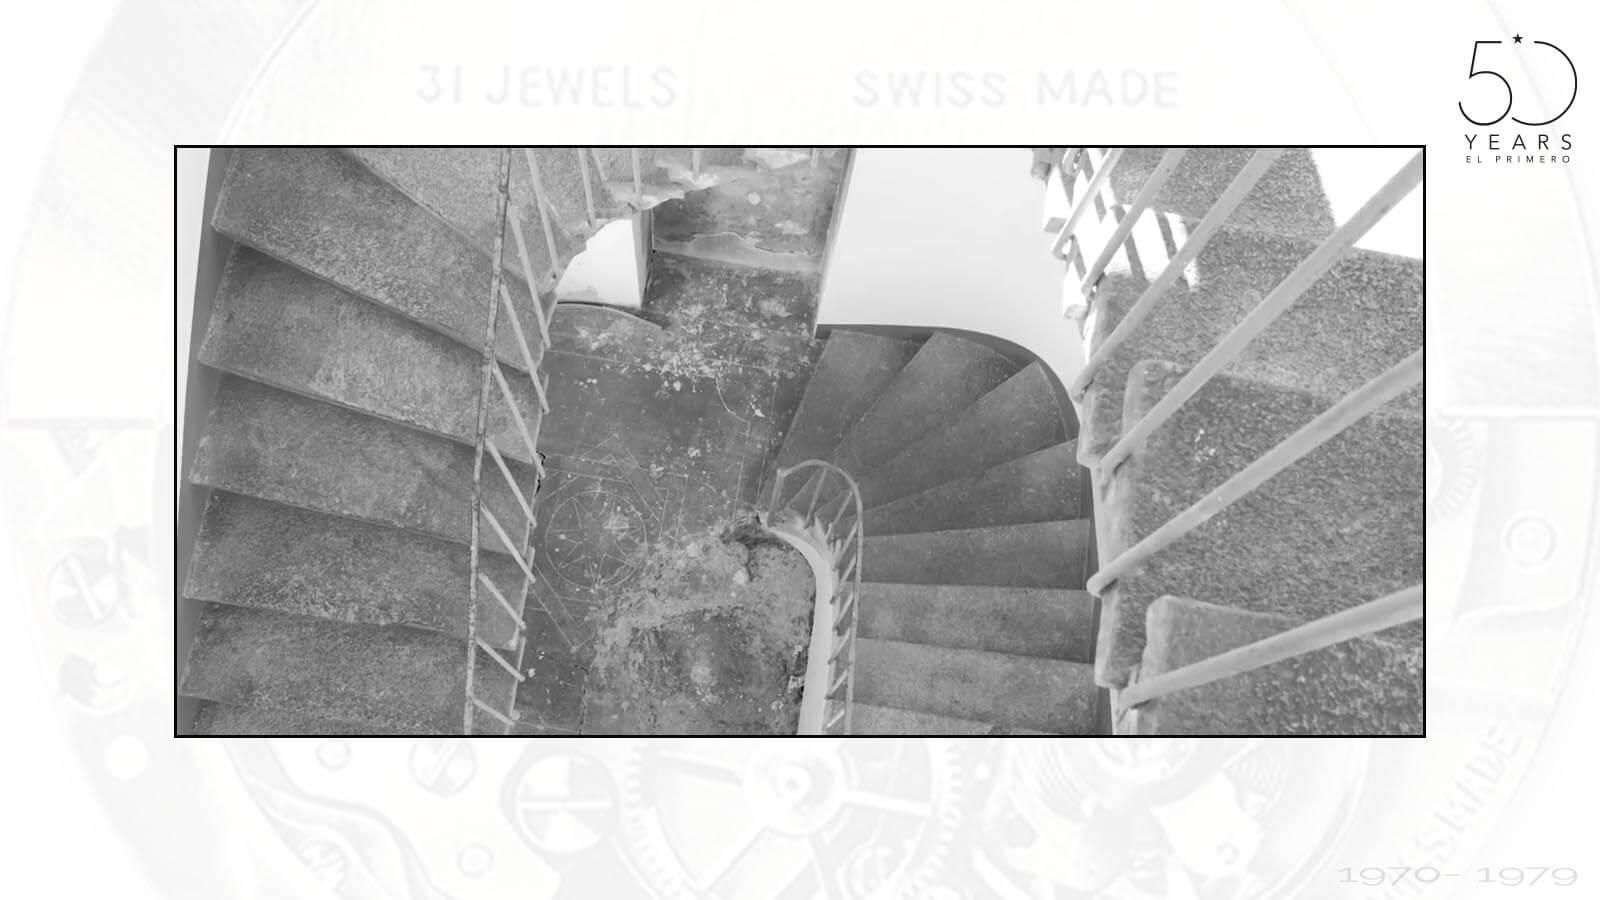 Stiegenaufgang zu der Kammer, in der Charles Vermot die Teile und Werkzeuge versteckte